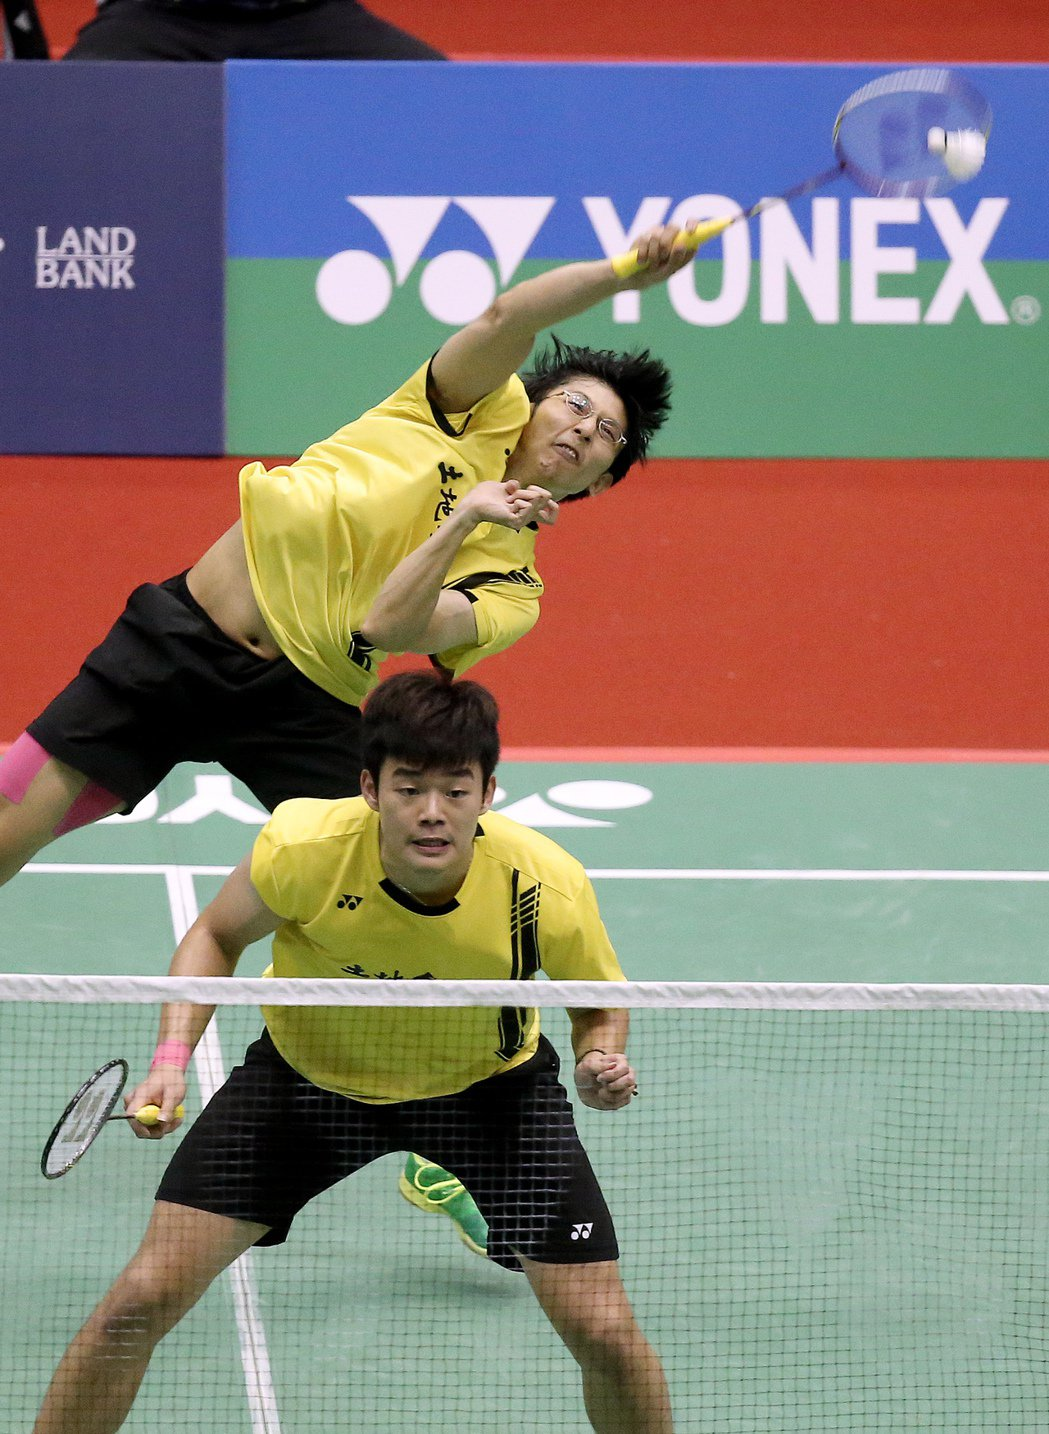 我國好手陳宏麟(後)與王齊麟(前)在男子雙打中獲勝晉級準決賽。記者余承翰/攝影